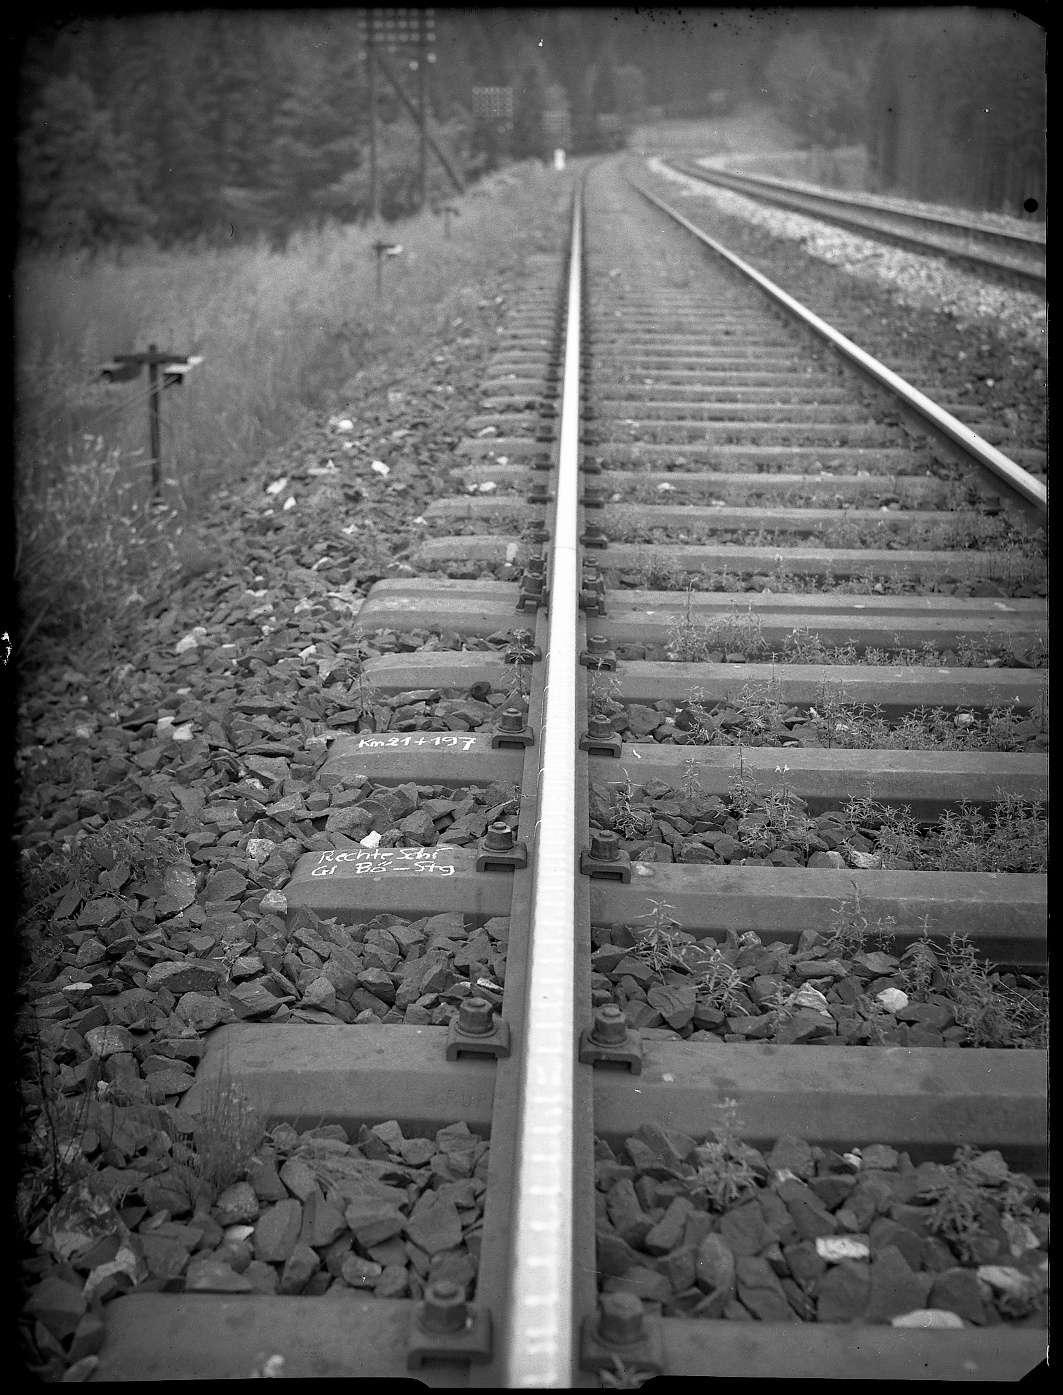 Sindelfingen, Strecke Stuttgart-Horb, Block Mönchsbrunnen, Riffelbildung an Schienen, Bild 1